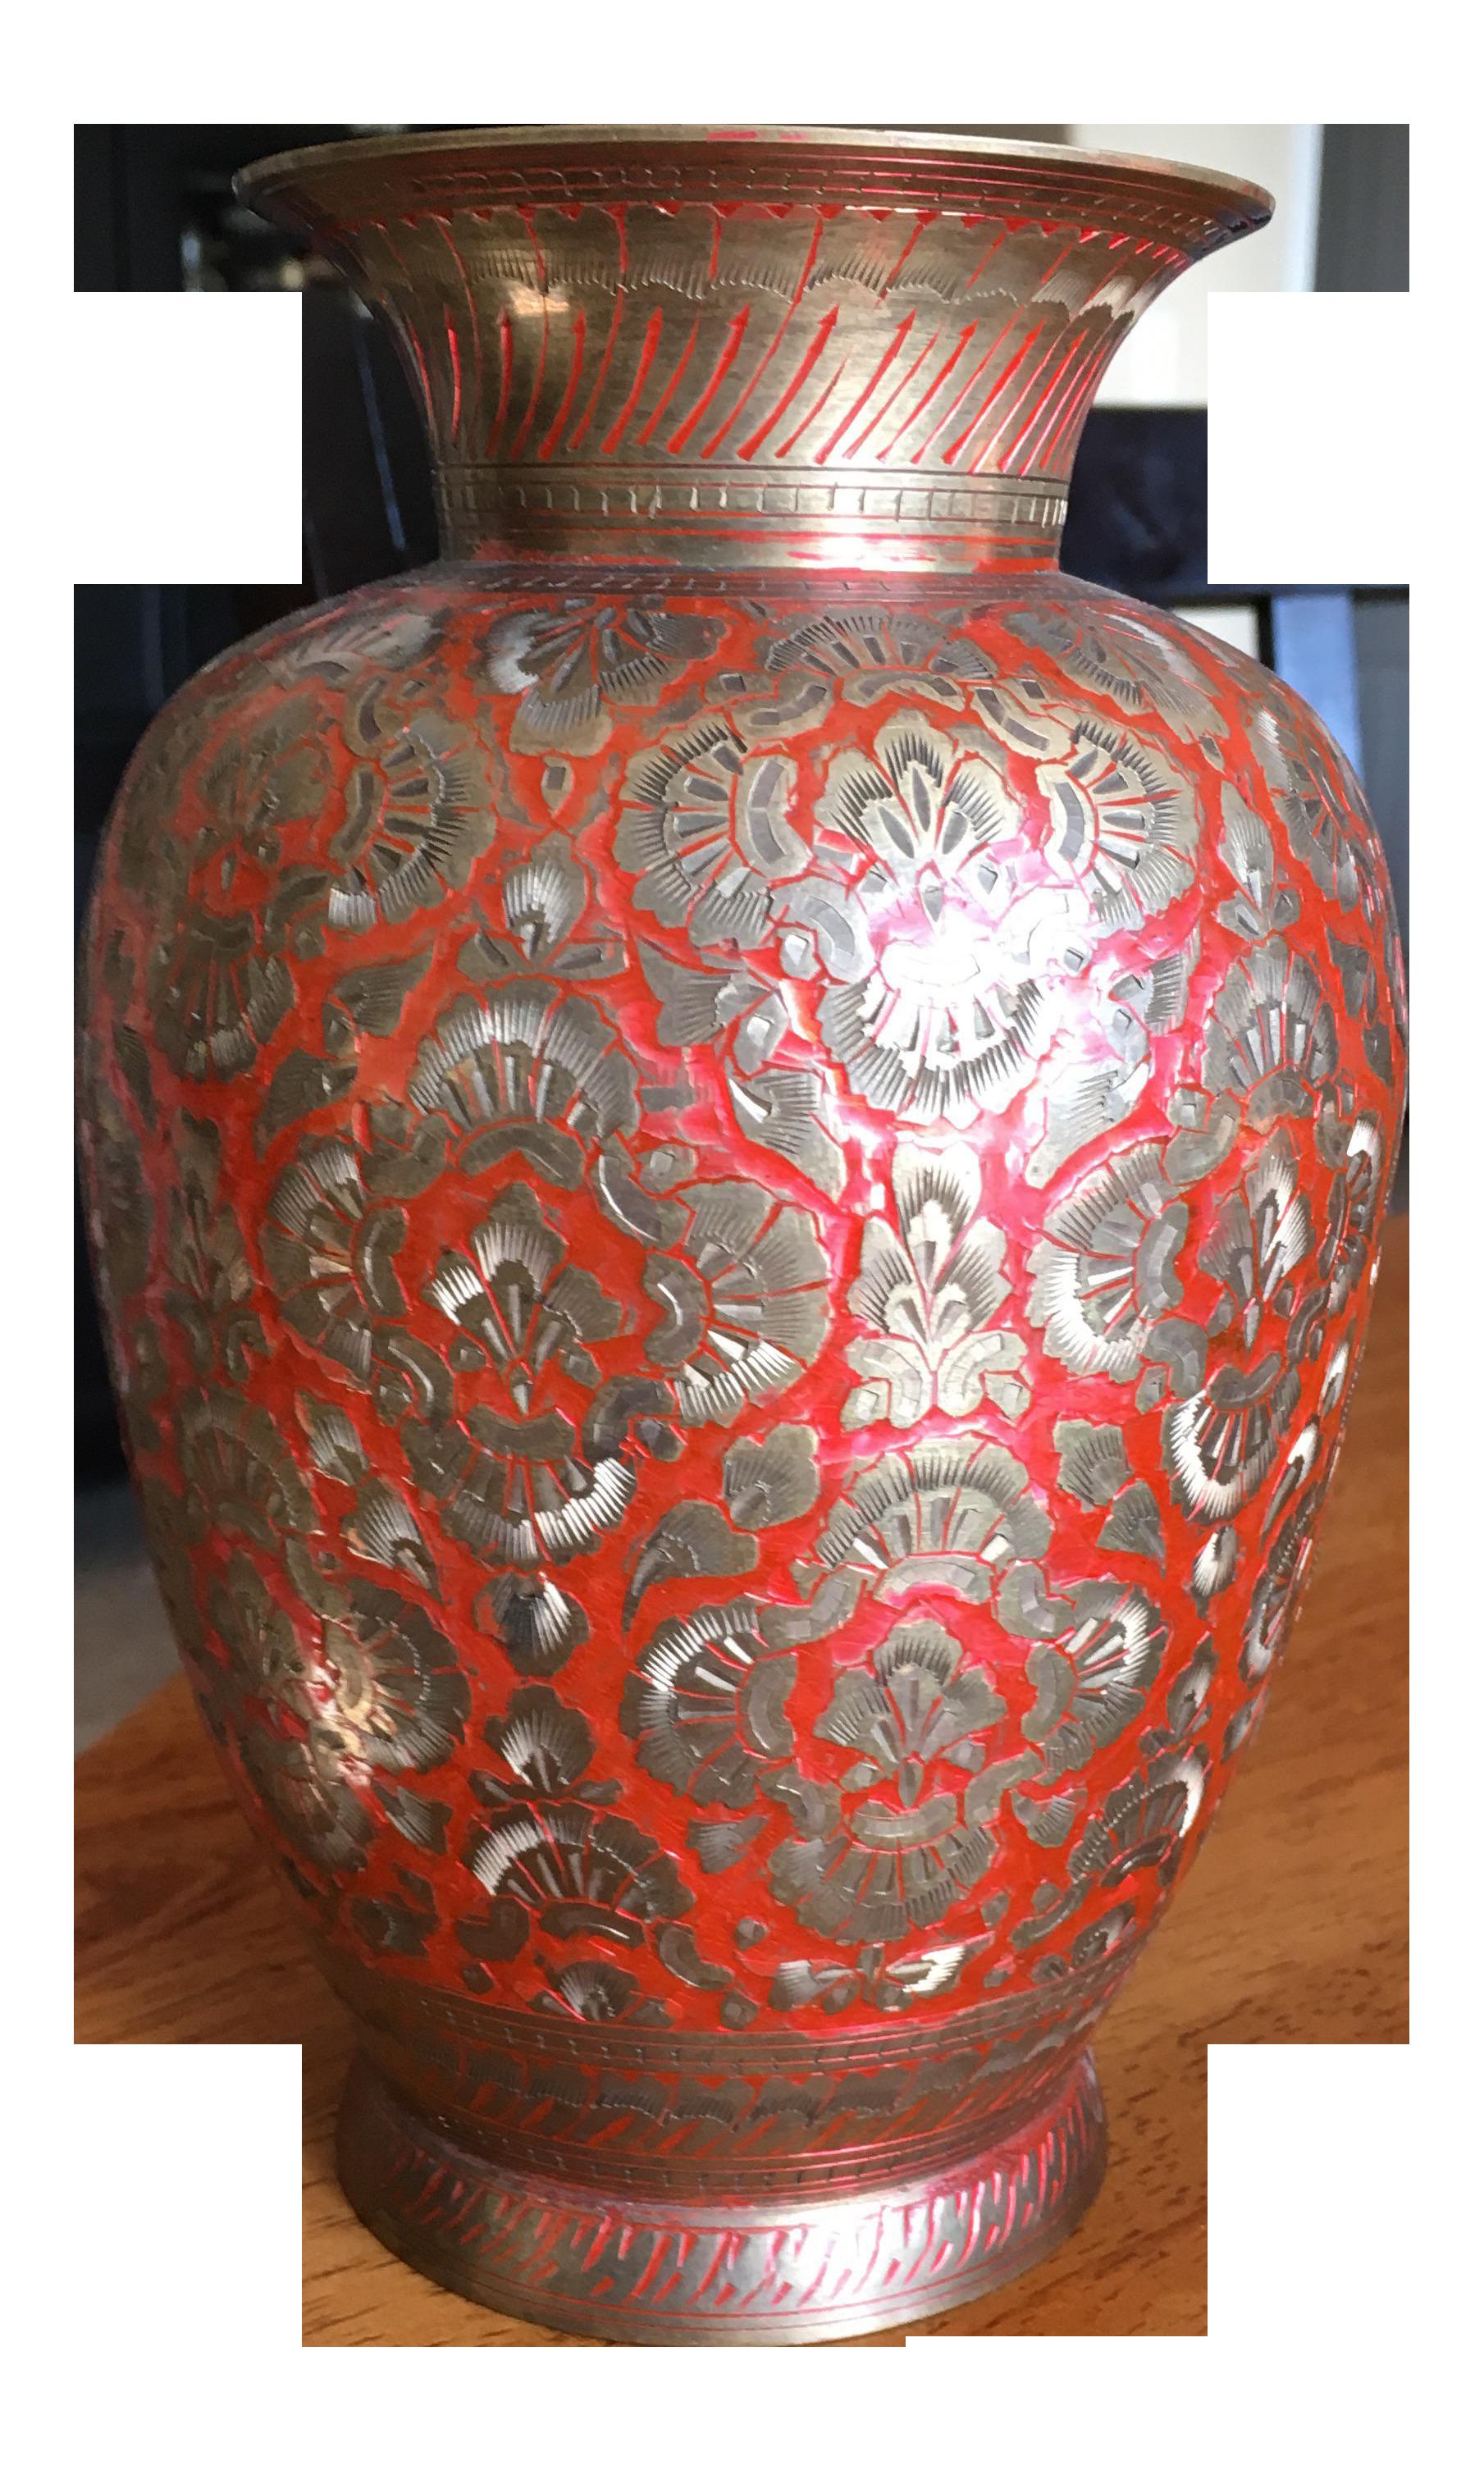 Vintage Red Enameled Brass Vase | Vase shop, Vase, Brass vase